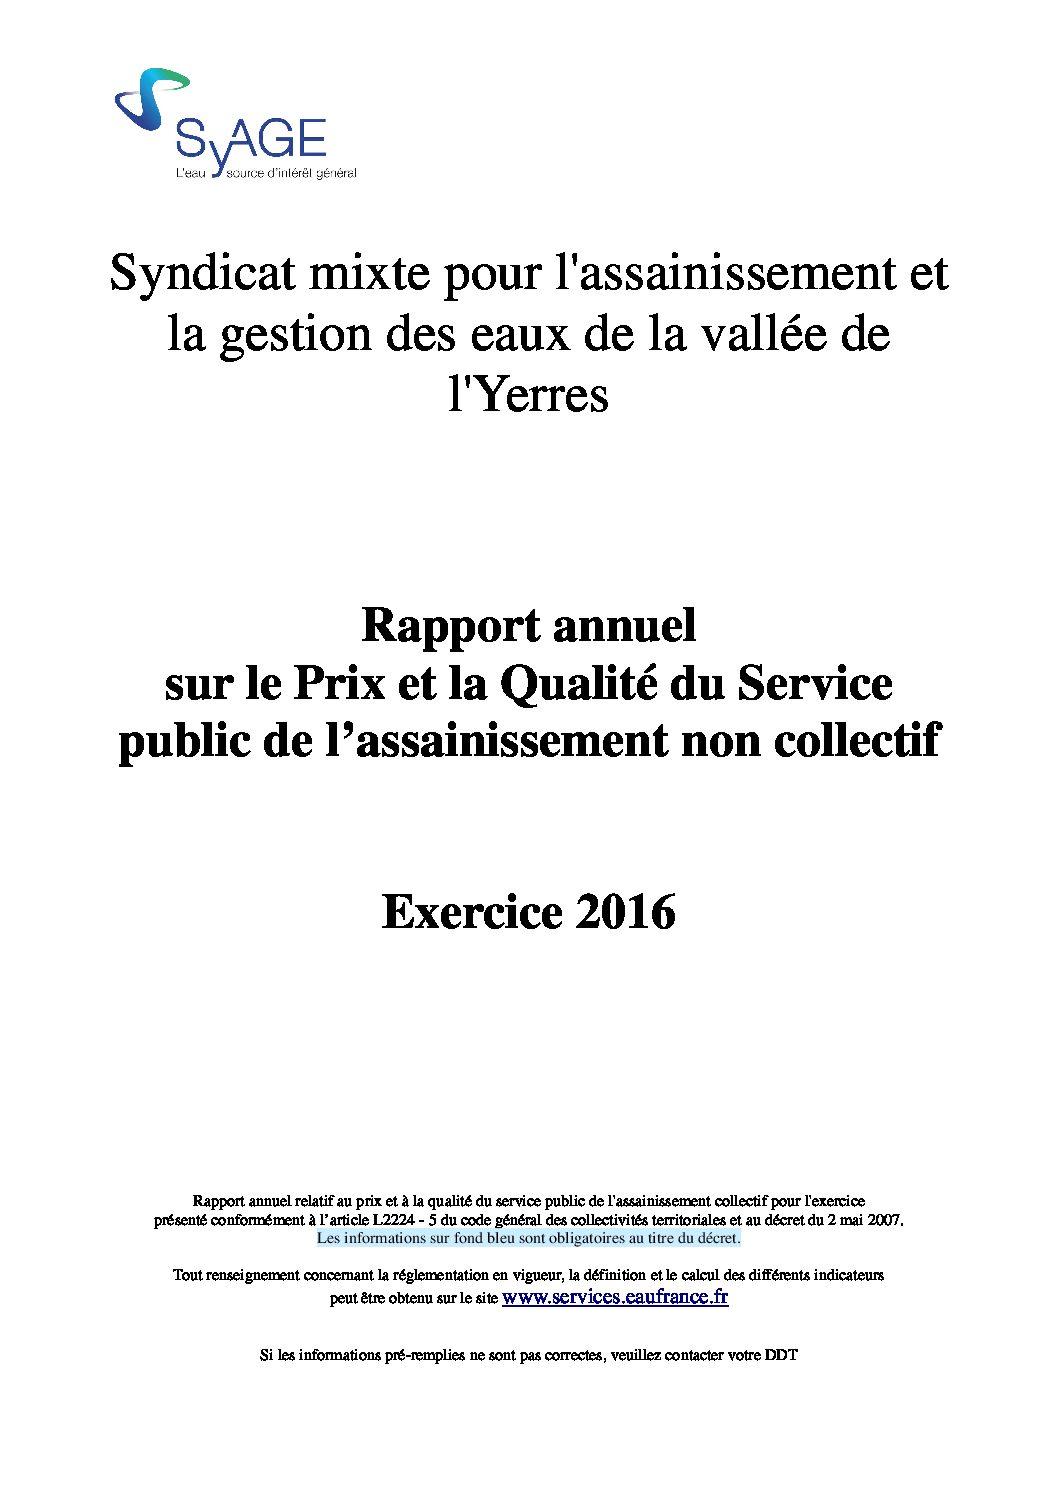 Prix et qualité du service public de l'assainissement non collectif en 2016